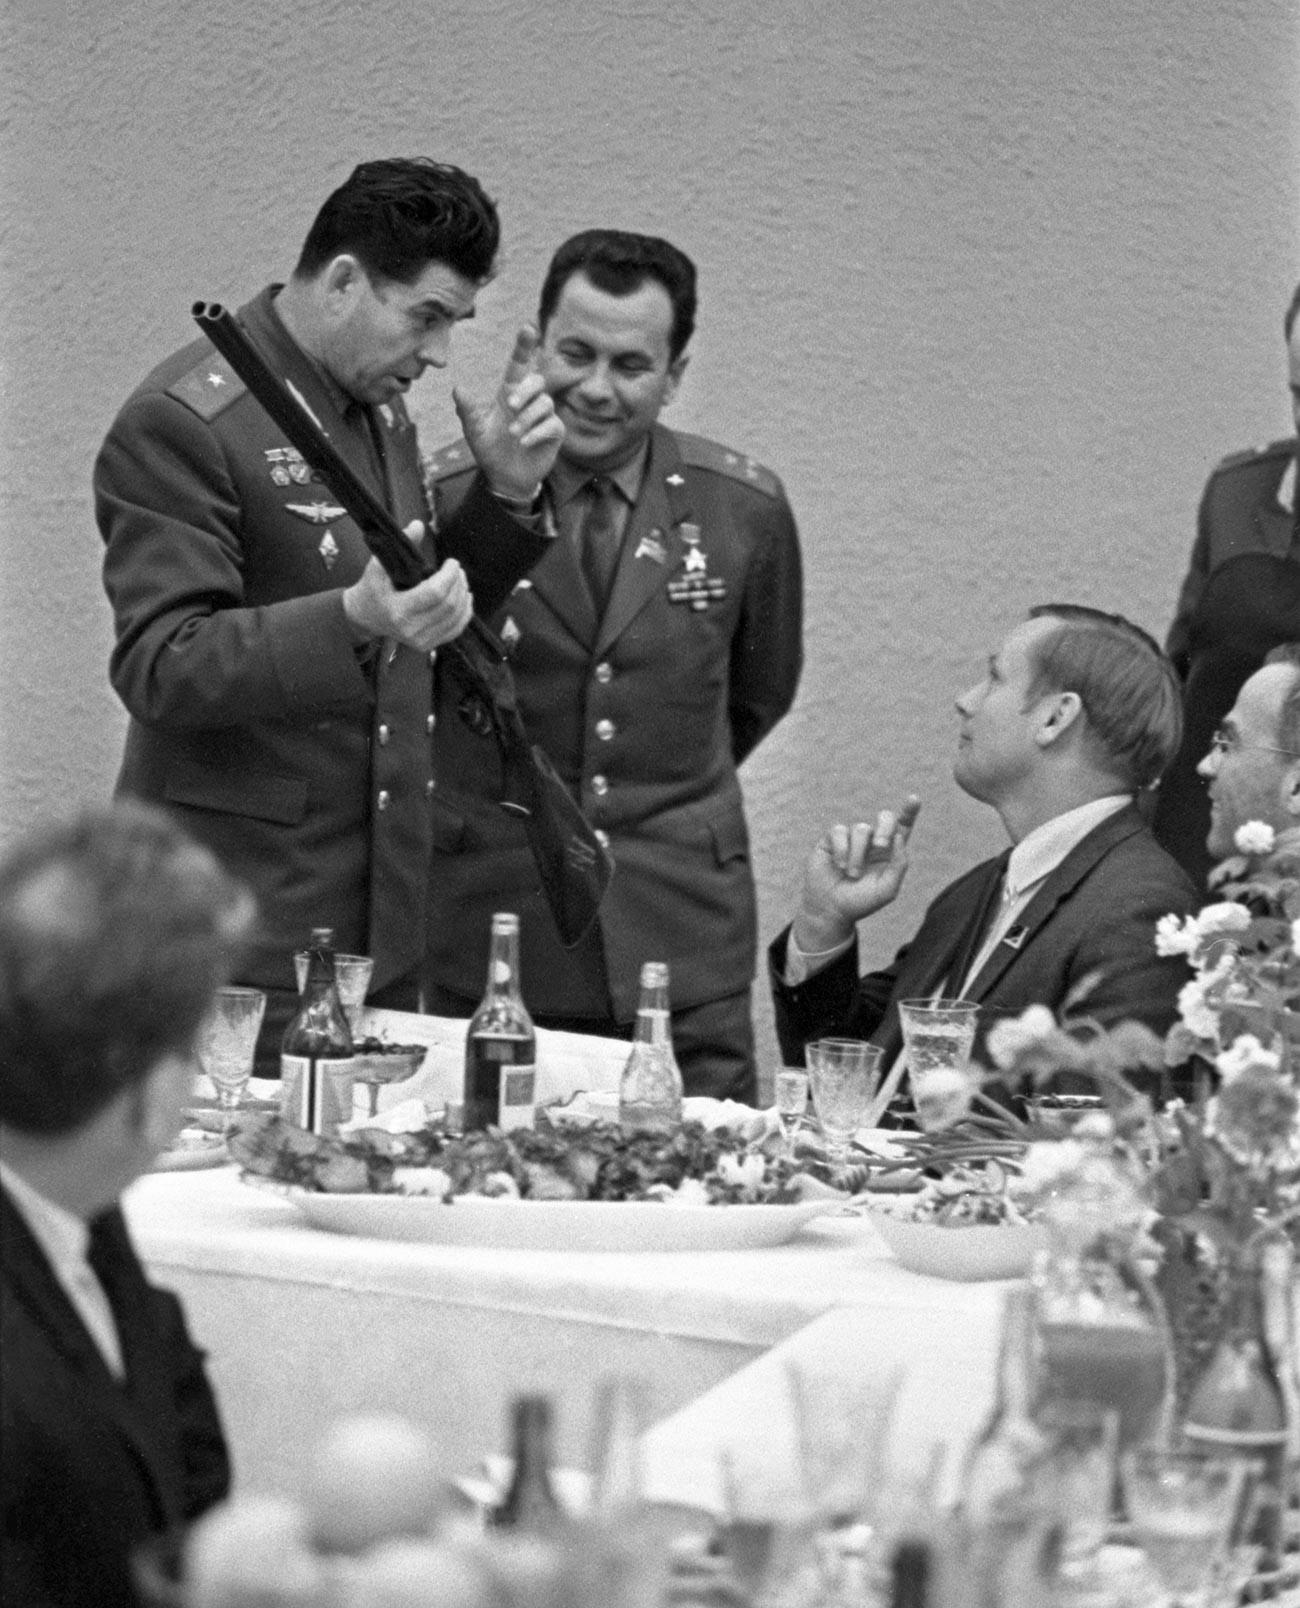 Des pilotes-cosmonautes de l'URSS présentent à Neil Armstrong un fusil de chasse des armuriers de la région de Toula.